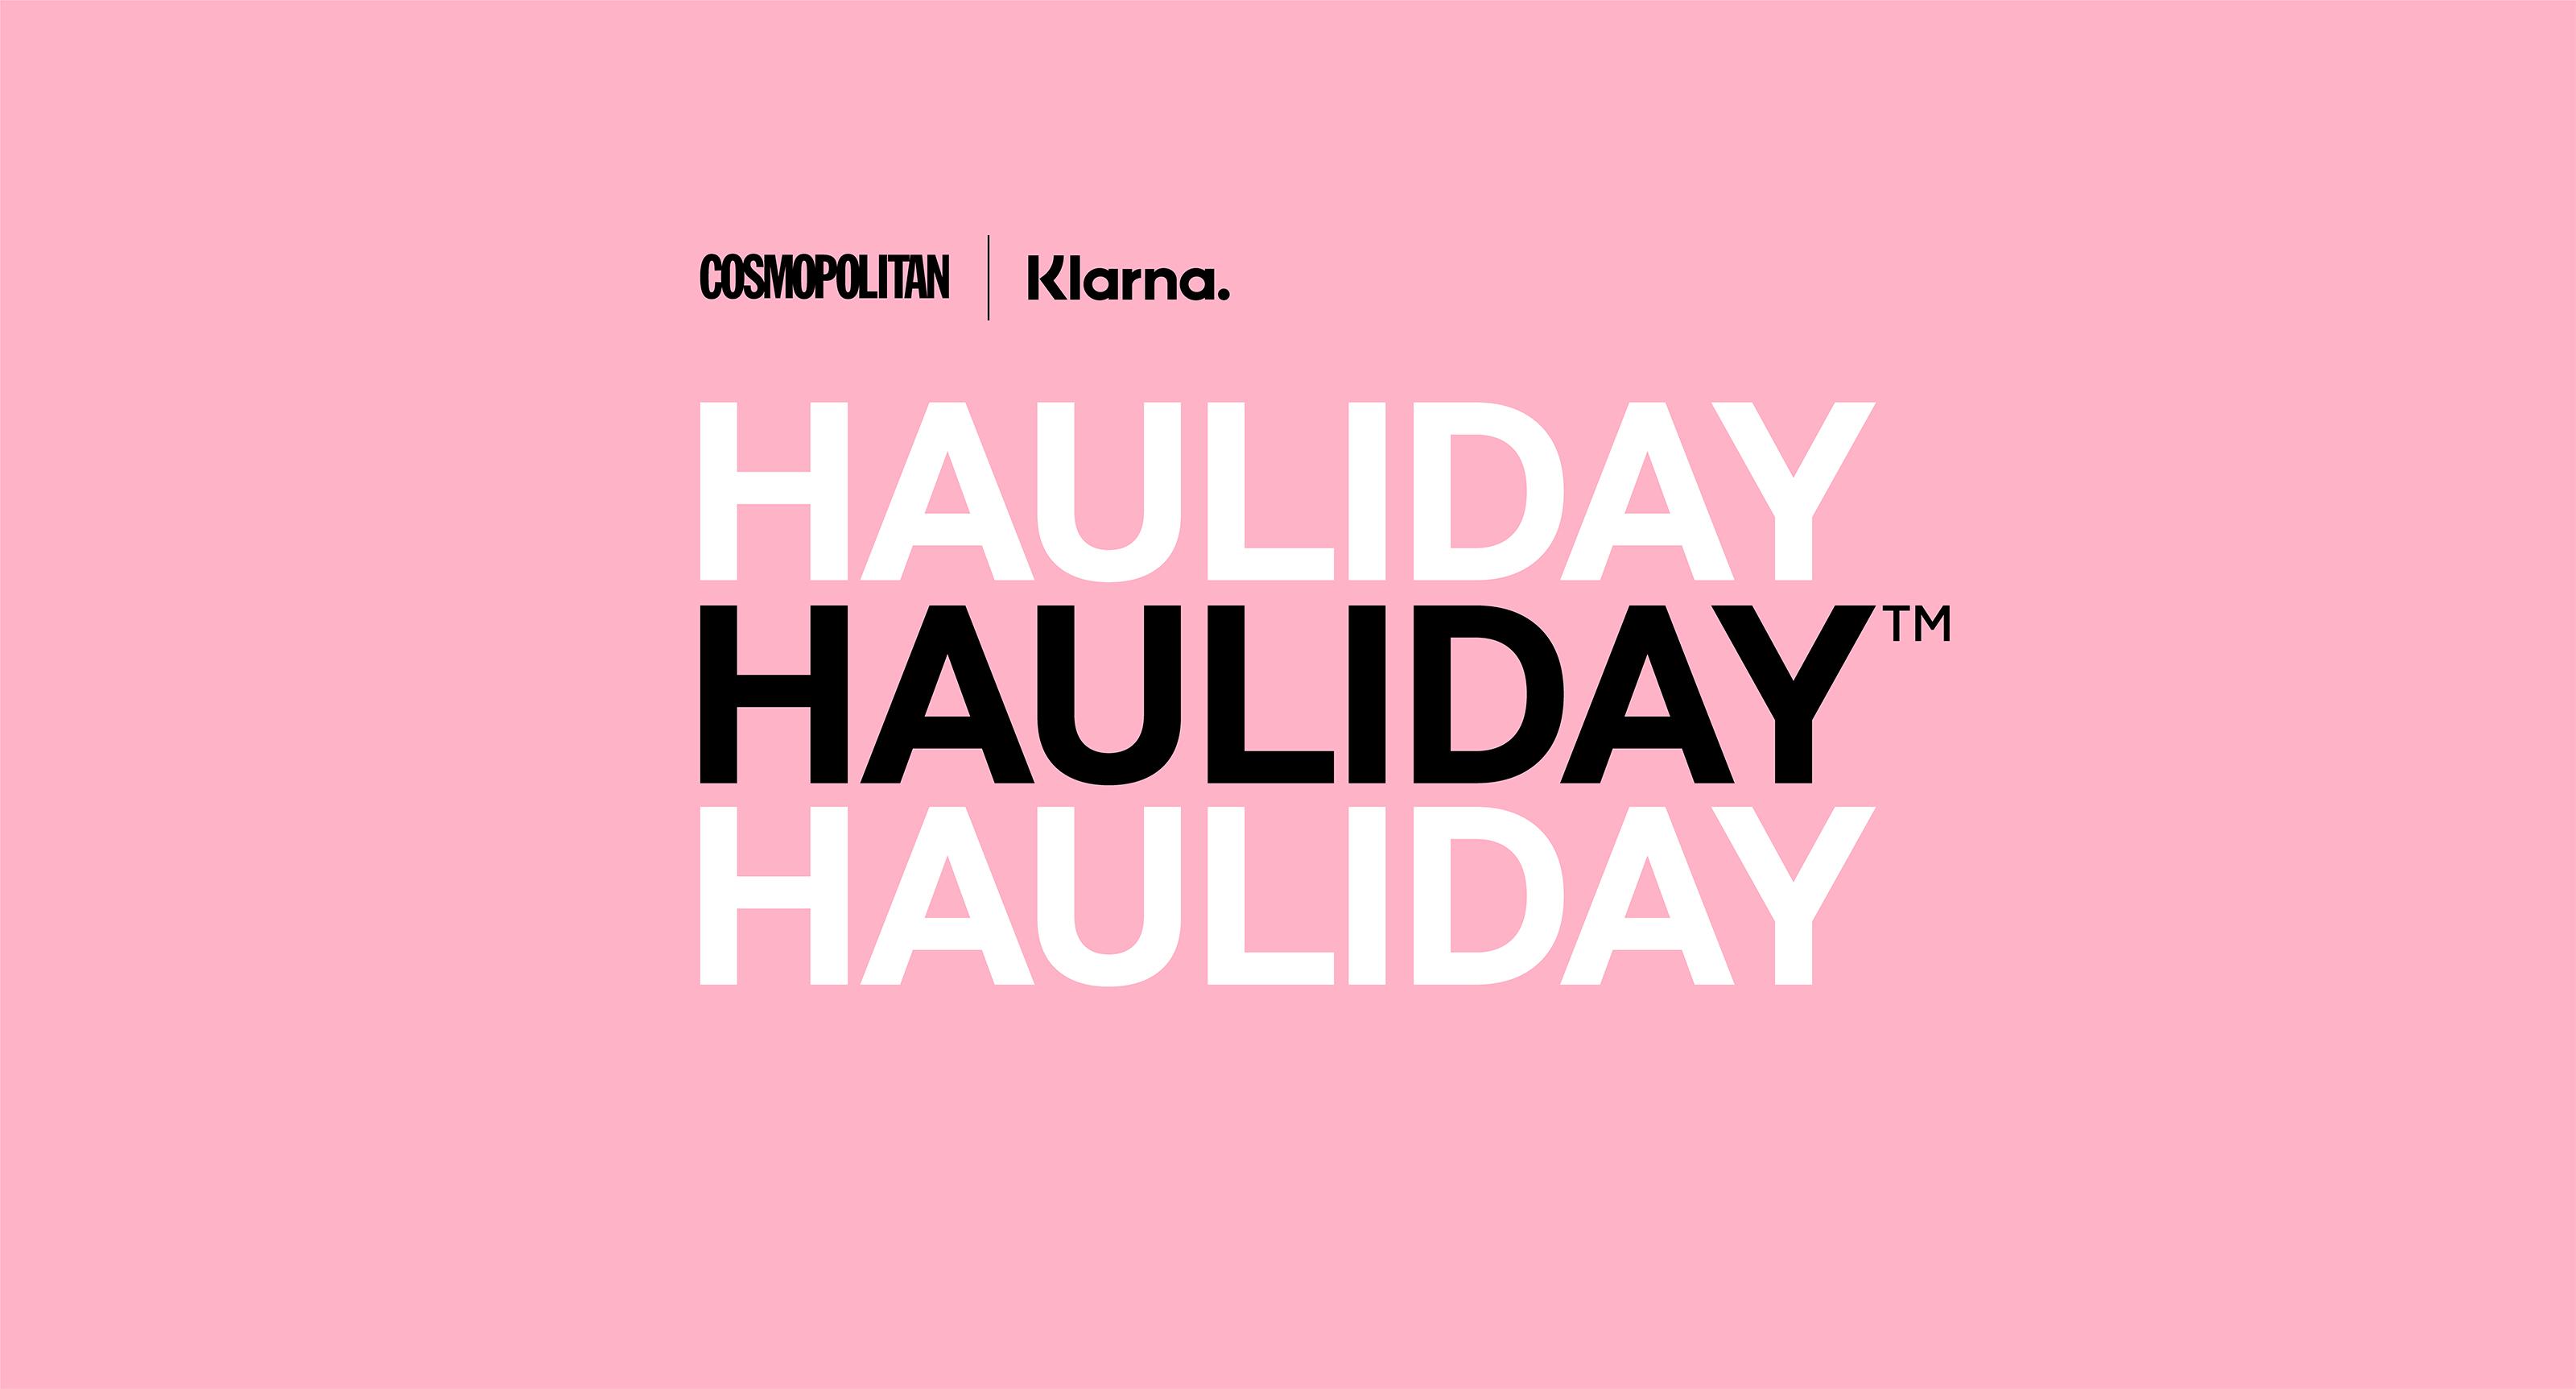 Hauliday